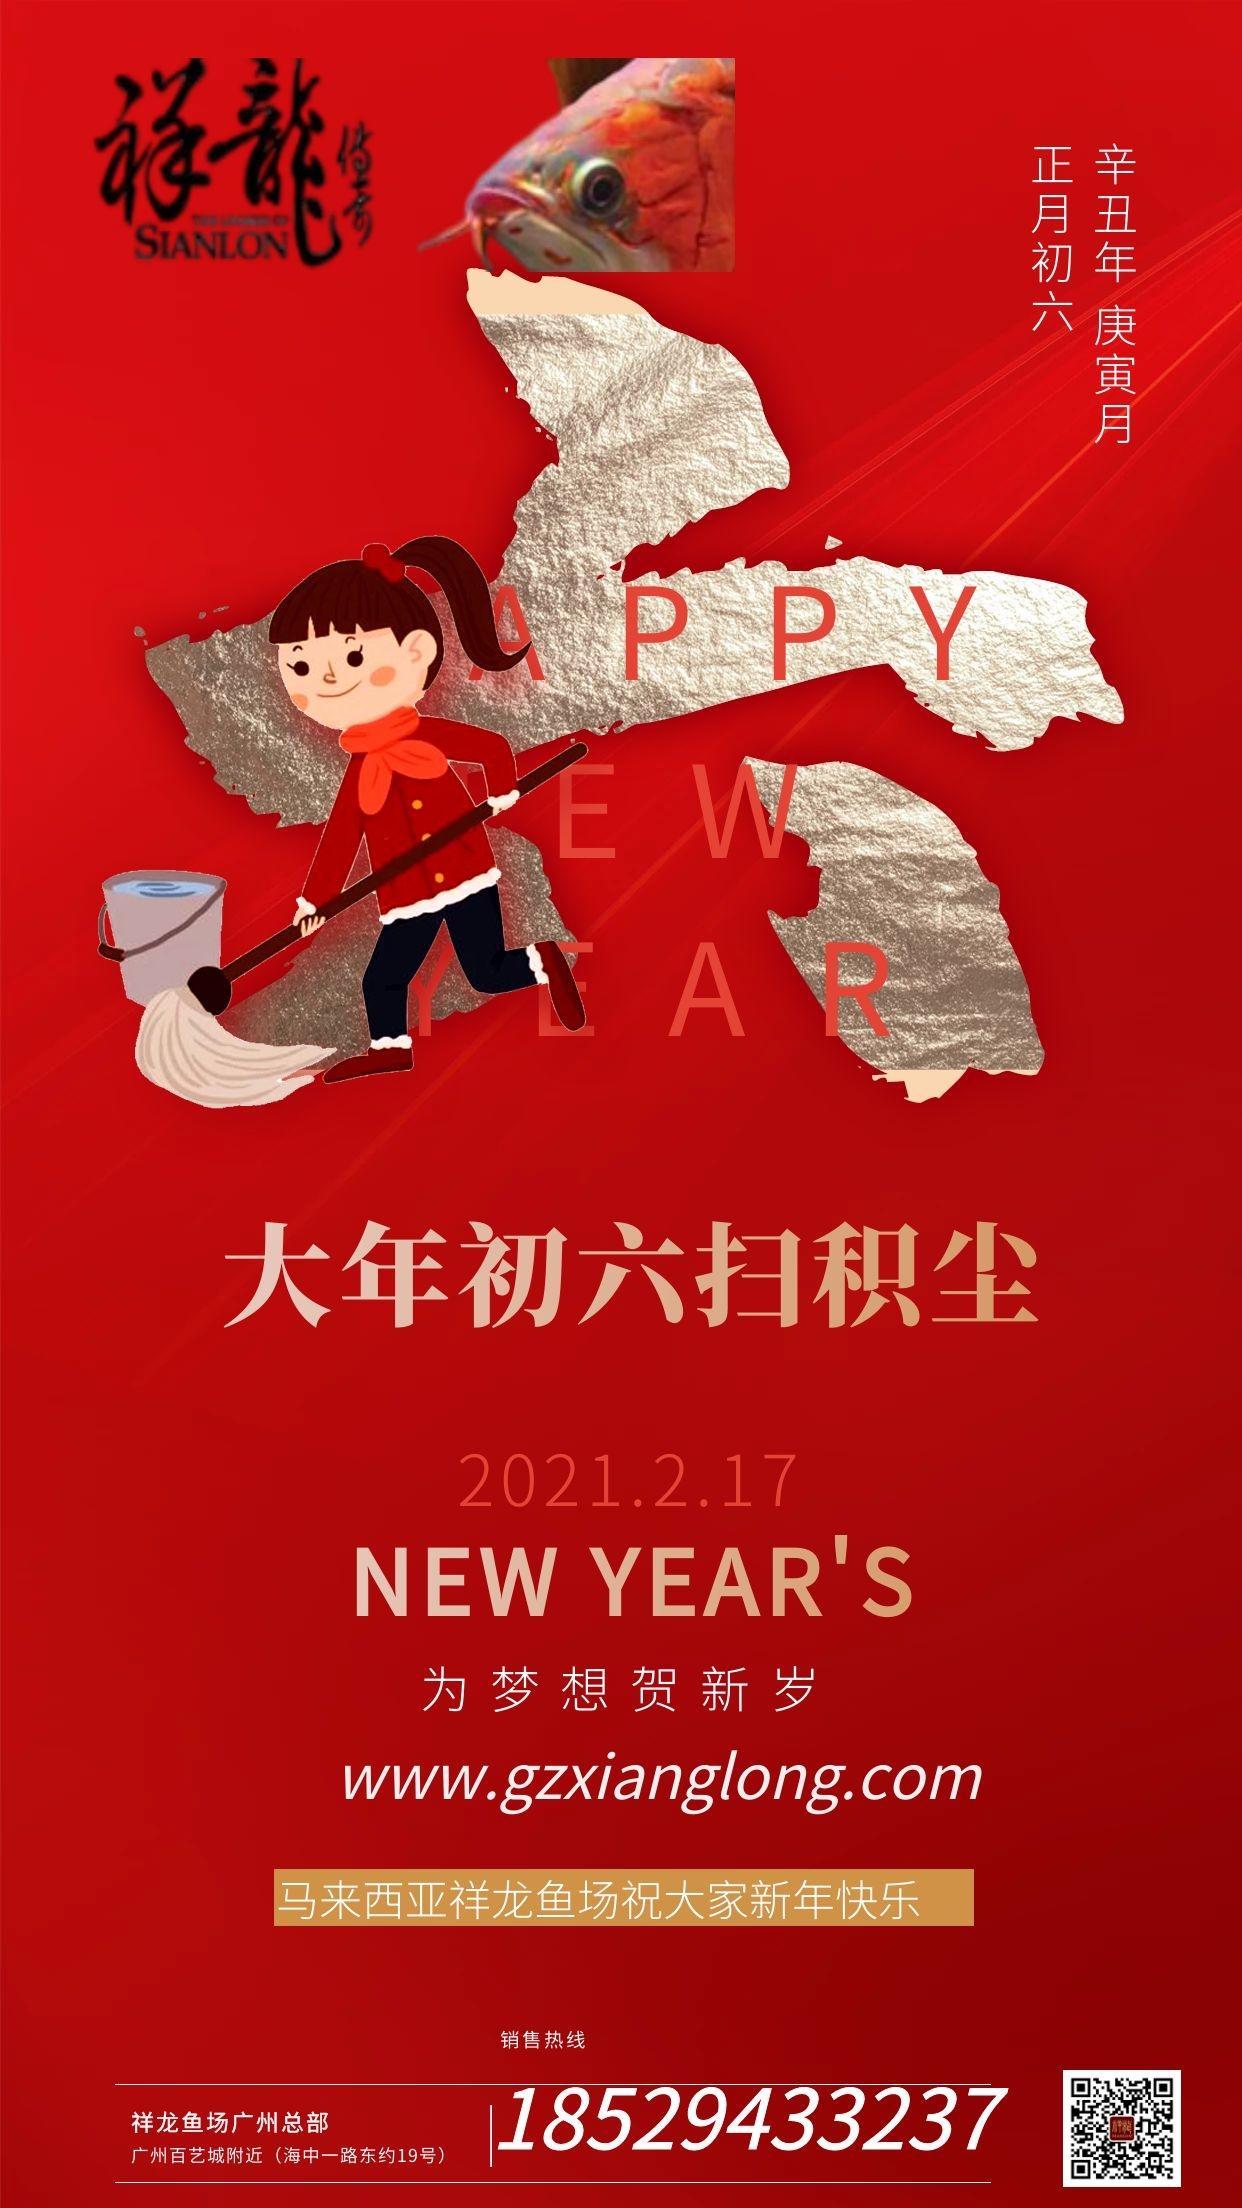 北京祥龙水族馆恭贺本市鱼友新春快乐祝福2021 北京水族馆信息 北京龙鱼第9张